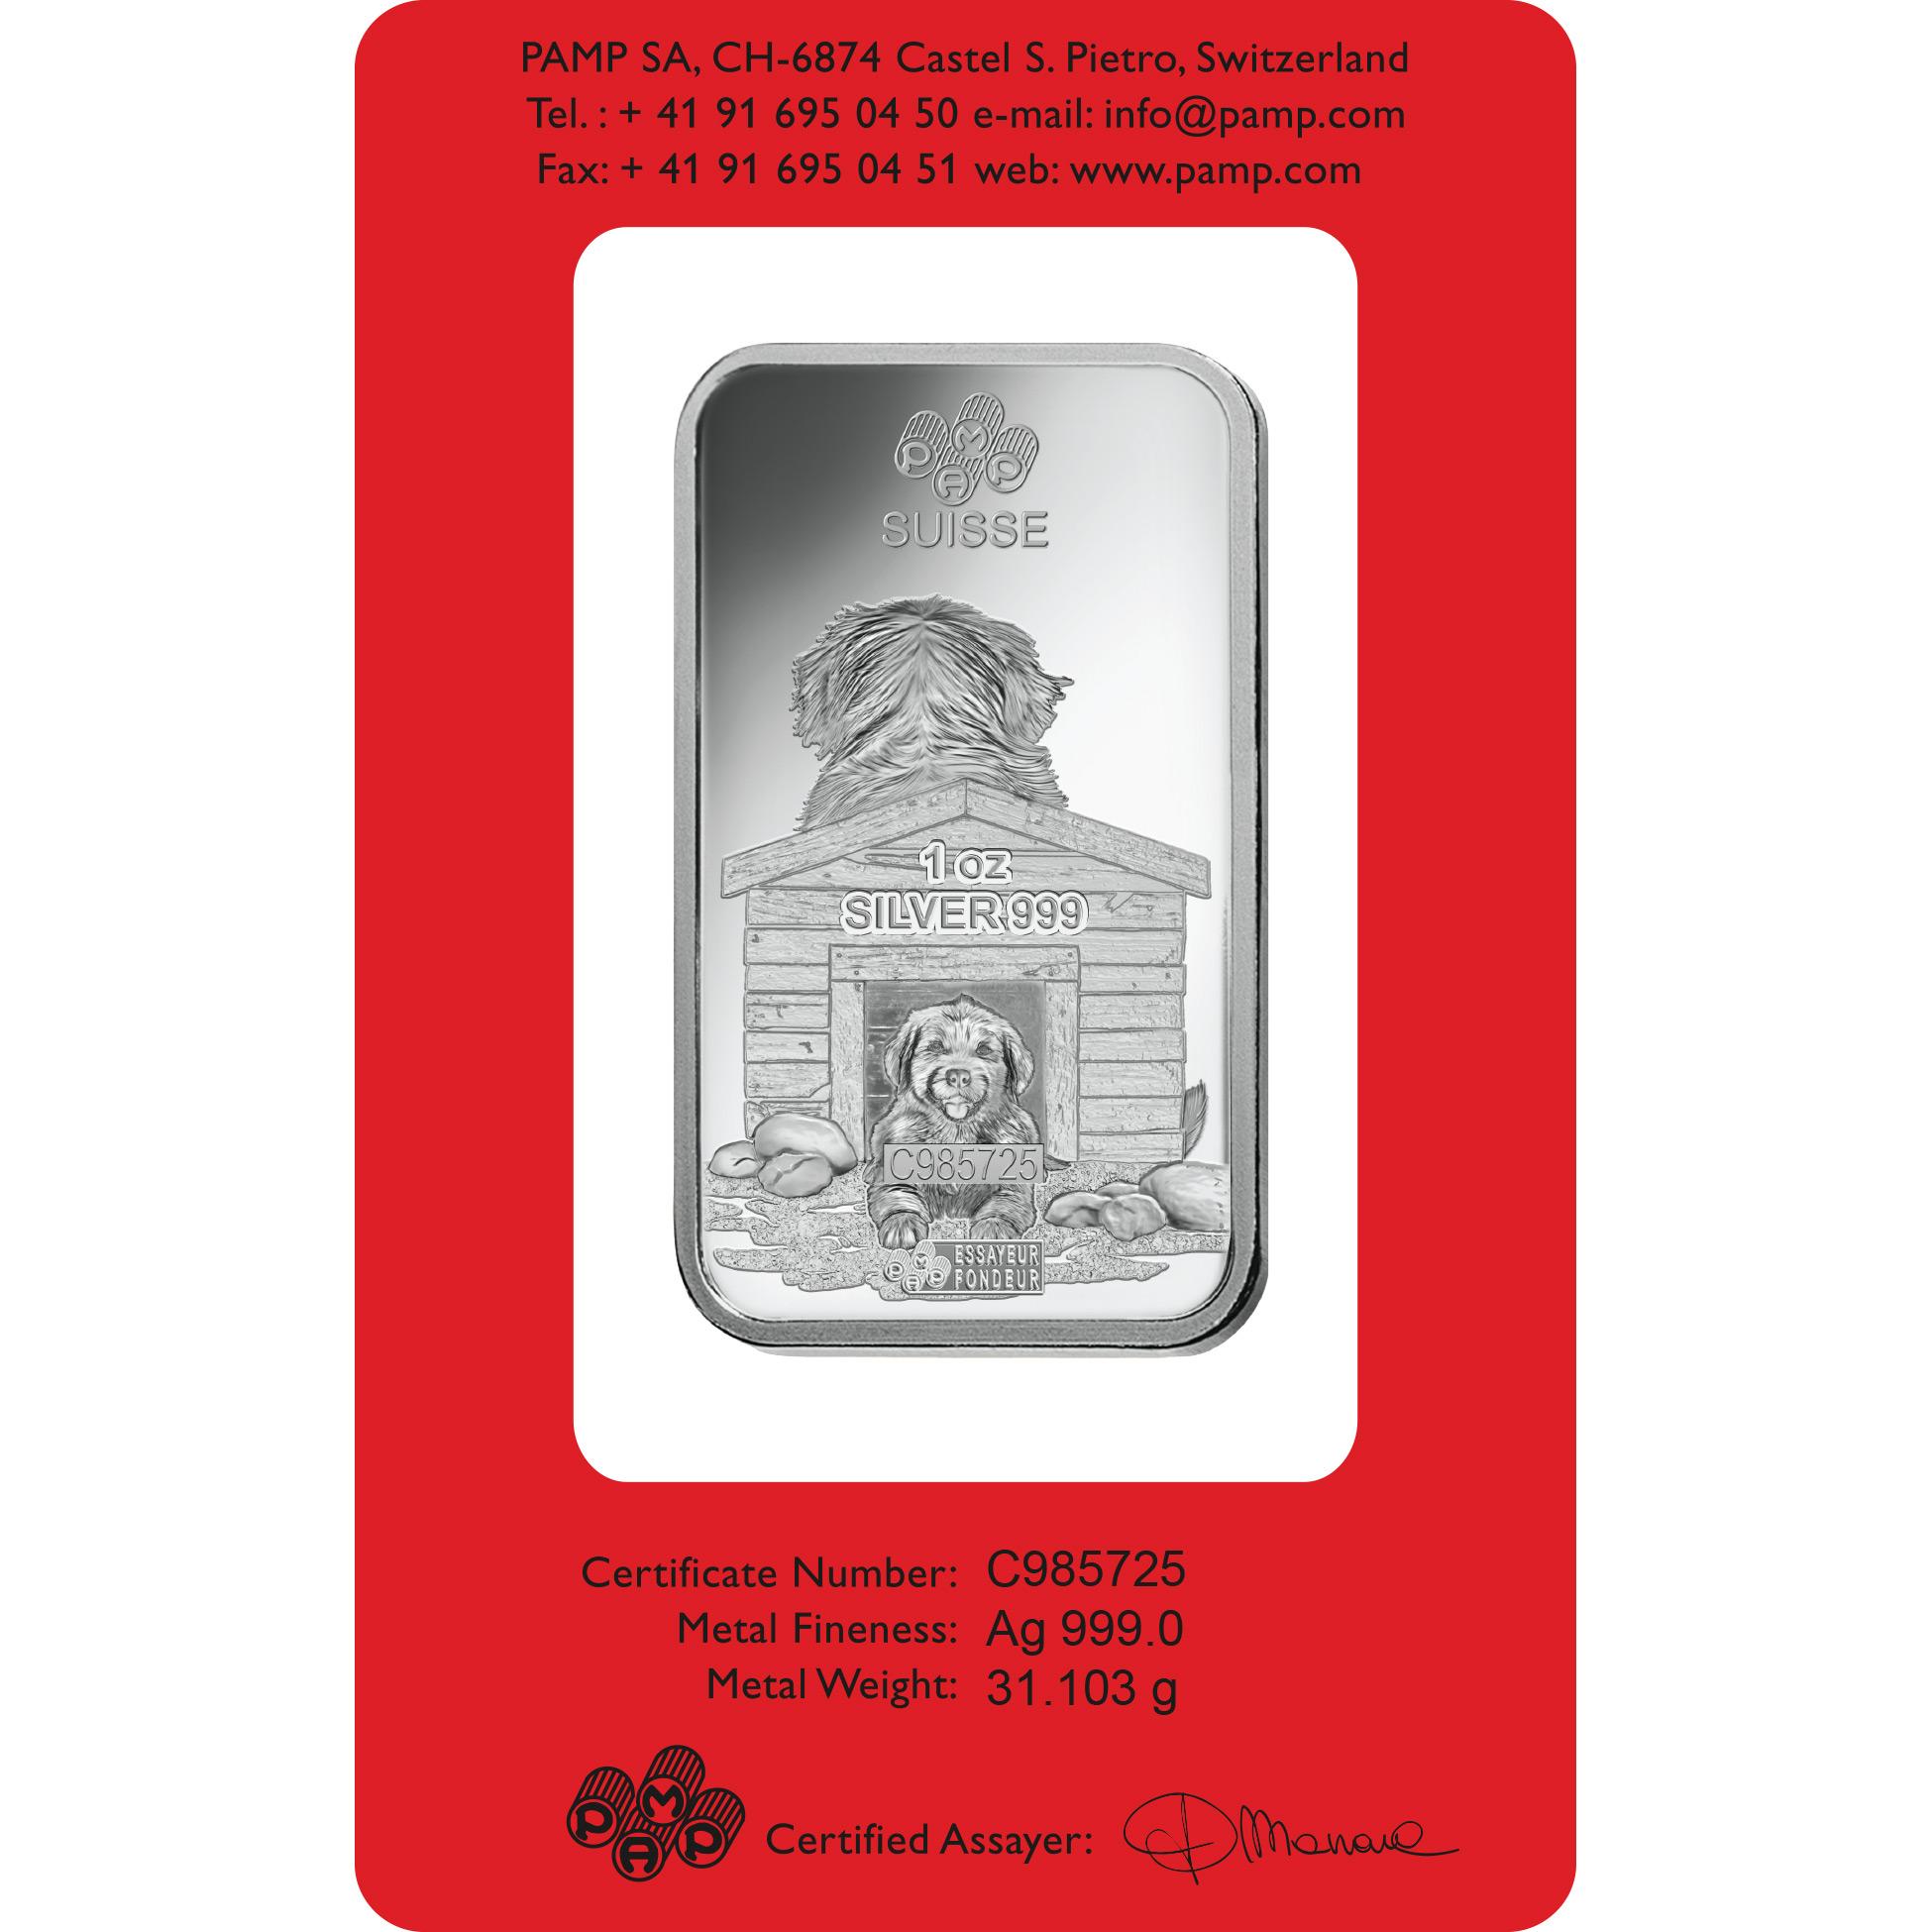 1 oz Fine Silver Bar 999.0 - PAMP Suisse Lunar Dog